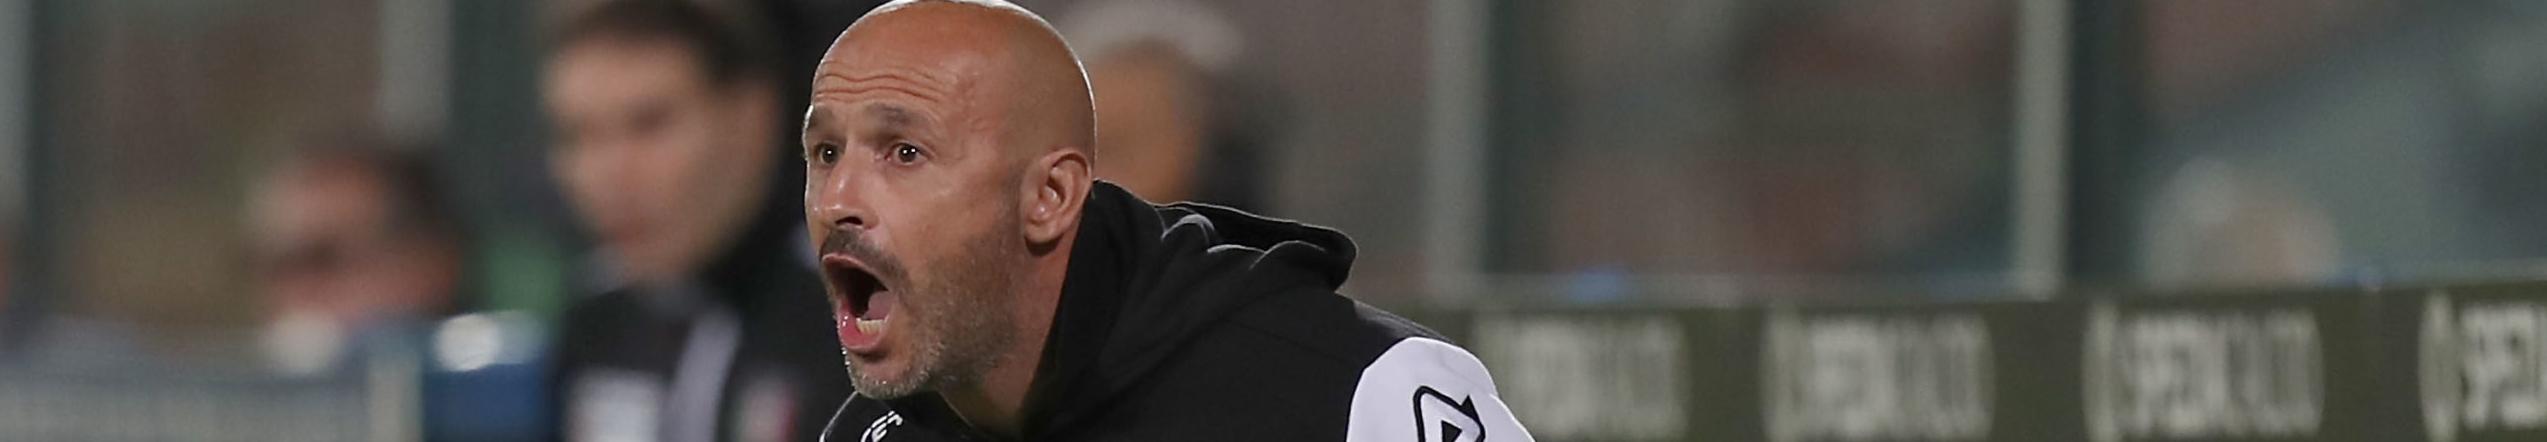 Trapani-Spezia: Italiano vuole difendere il 2° posto dall'assalto dei rivali